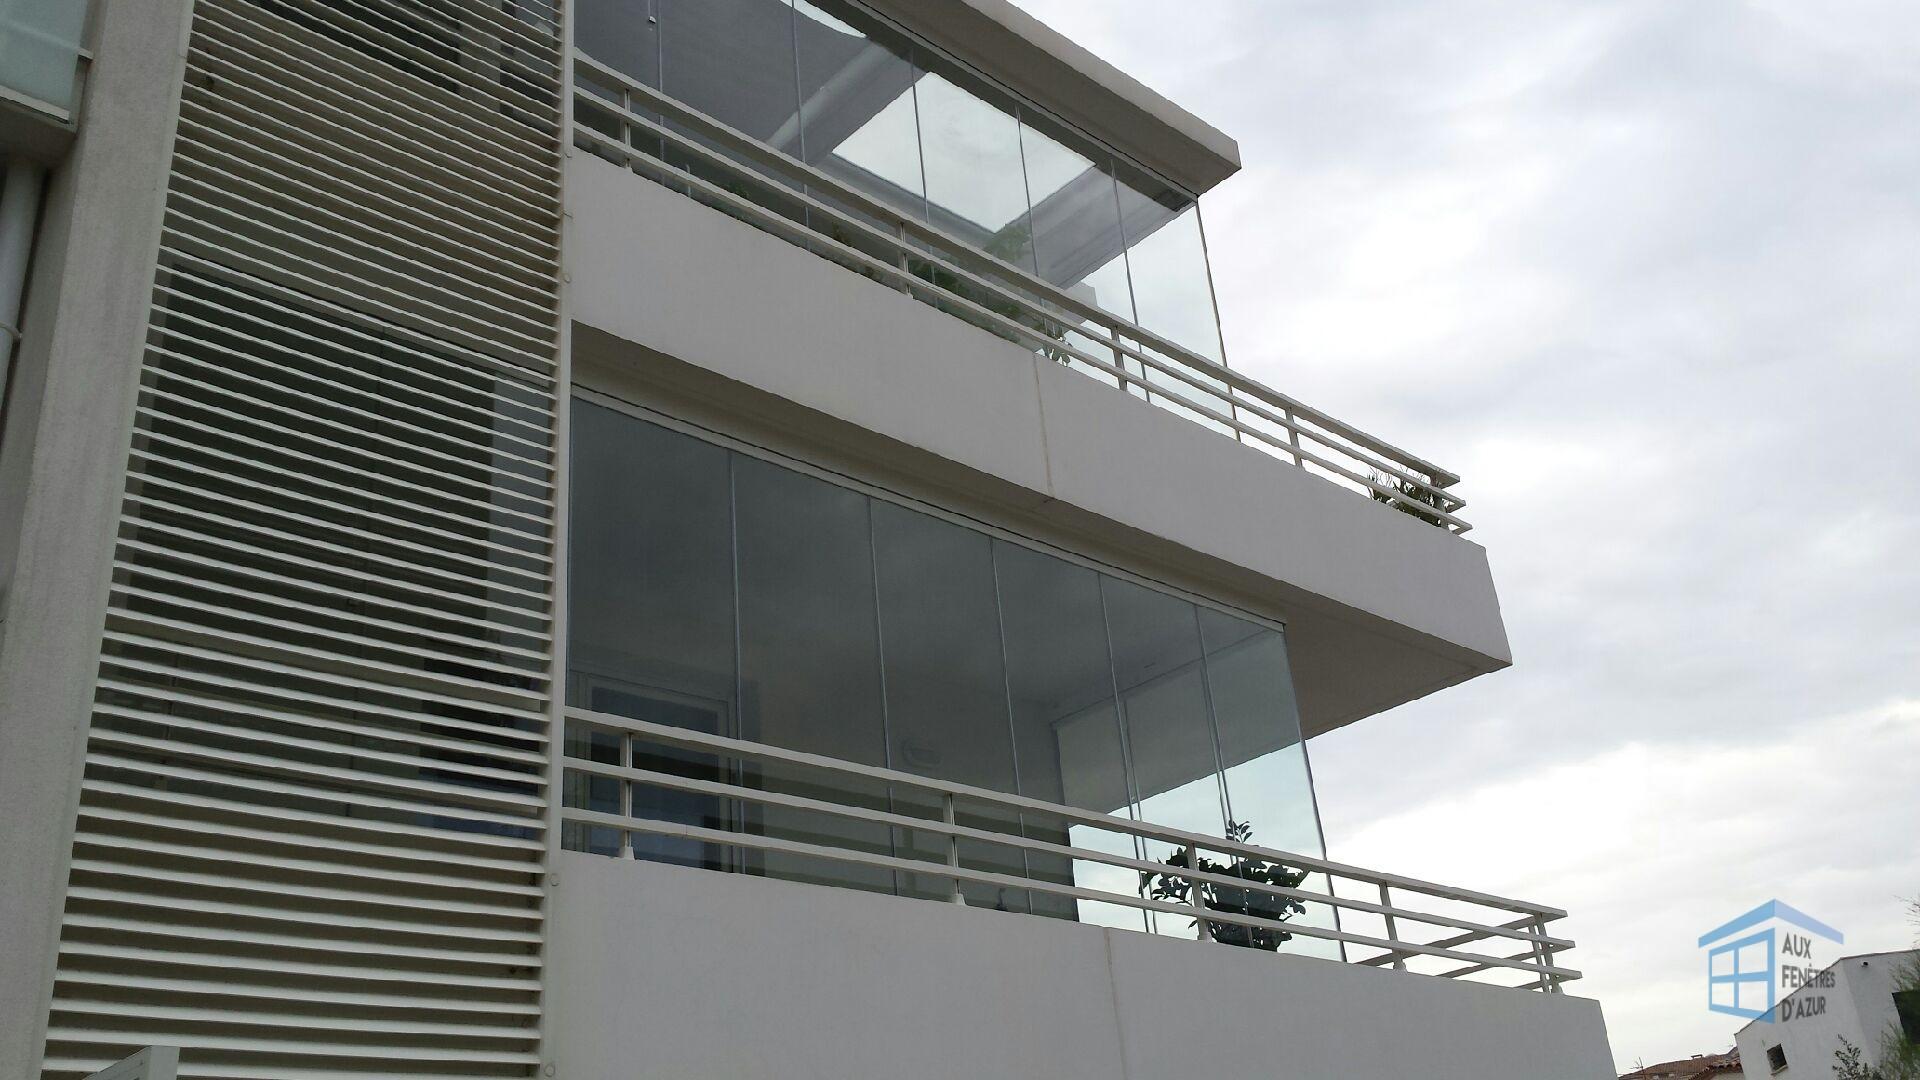 pouvez vous fermer votre balcon avec un rideau de verre auxfenetresdazur rideau de verre. Black Bedroom Furniture Sets. Home Design Ideas